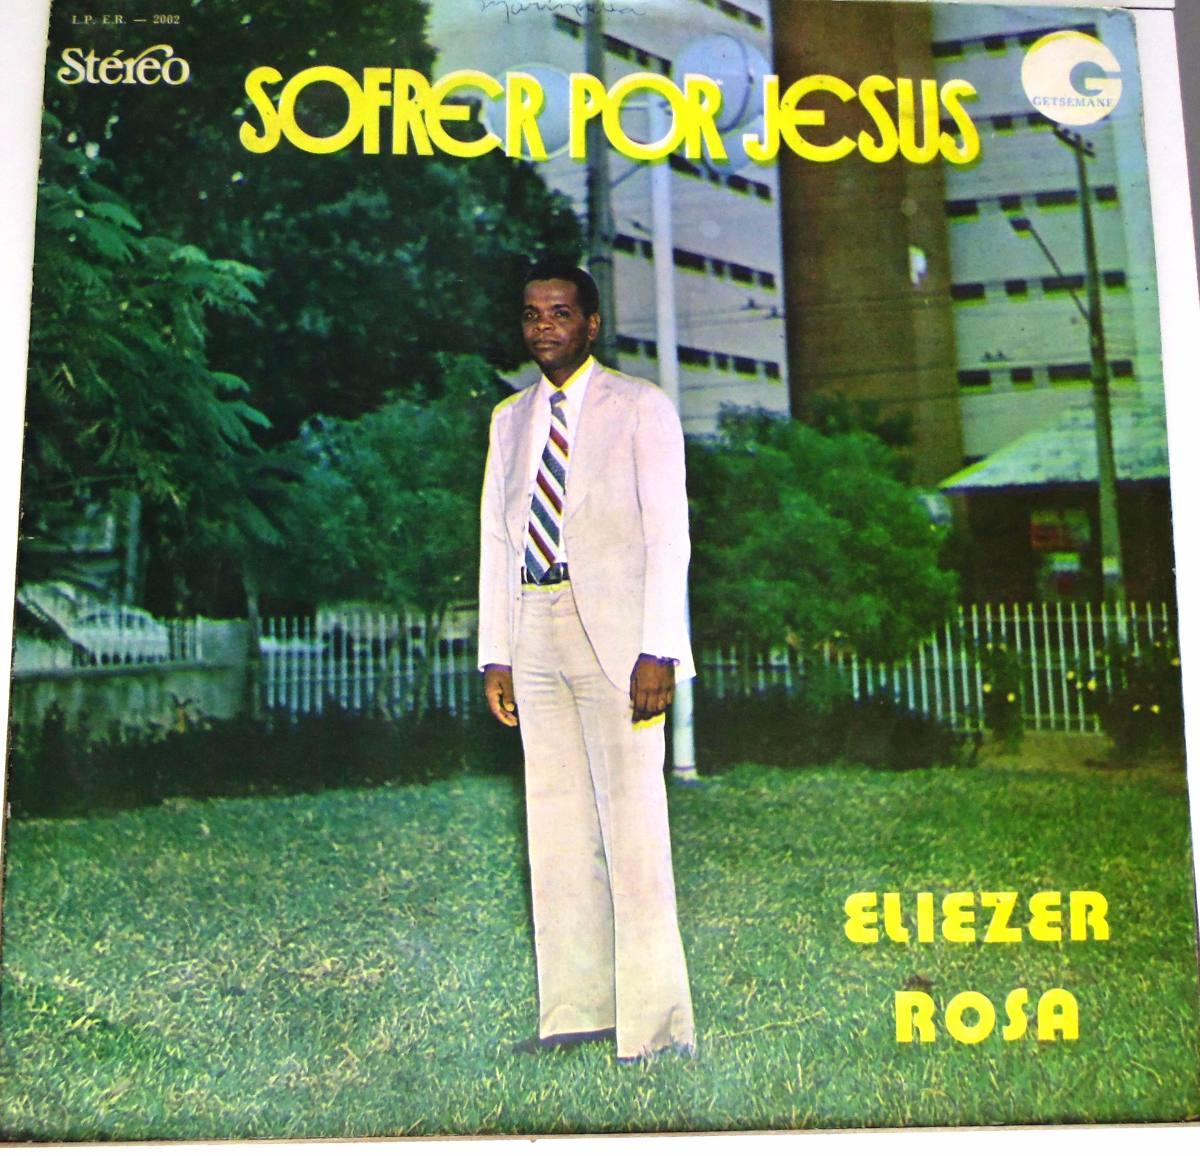 musica sofrer por jesus eliezer rosa